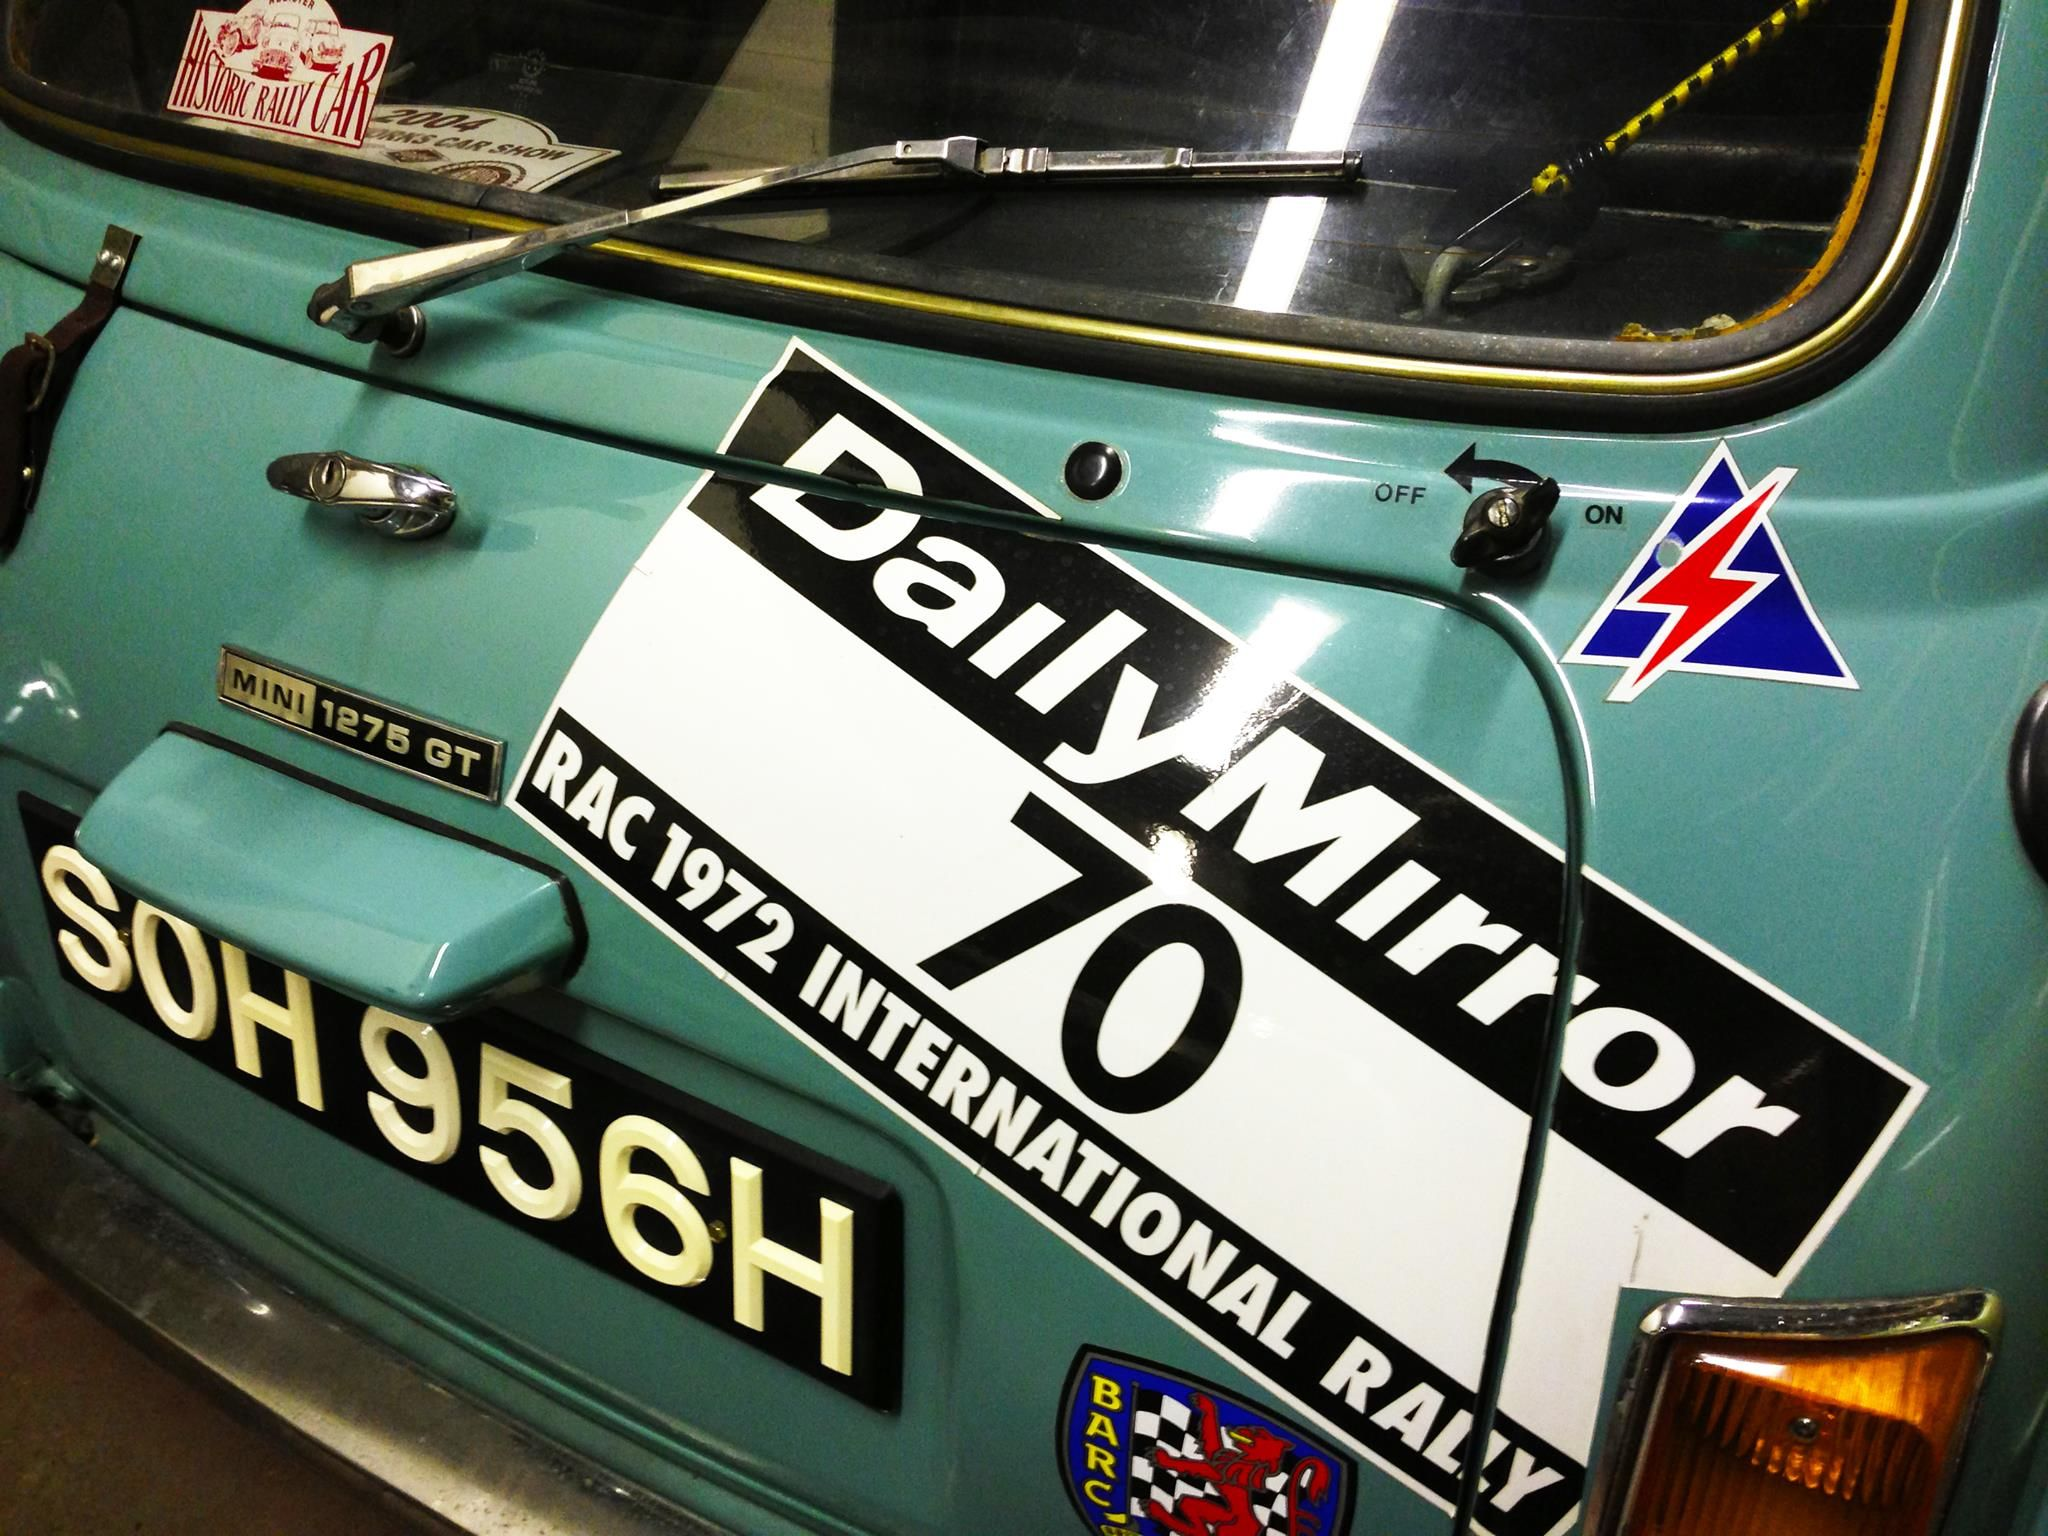 Soh 956 H Ex Special Tuning 1275 Gt Classic Mini Mini